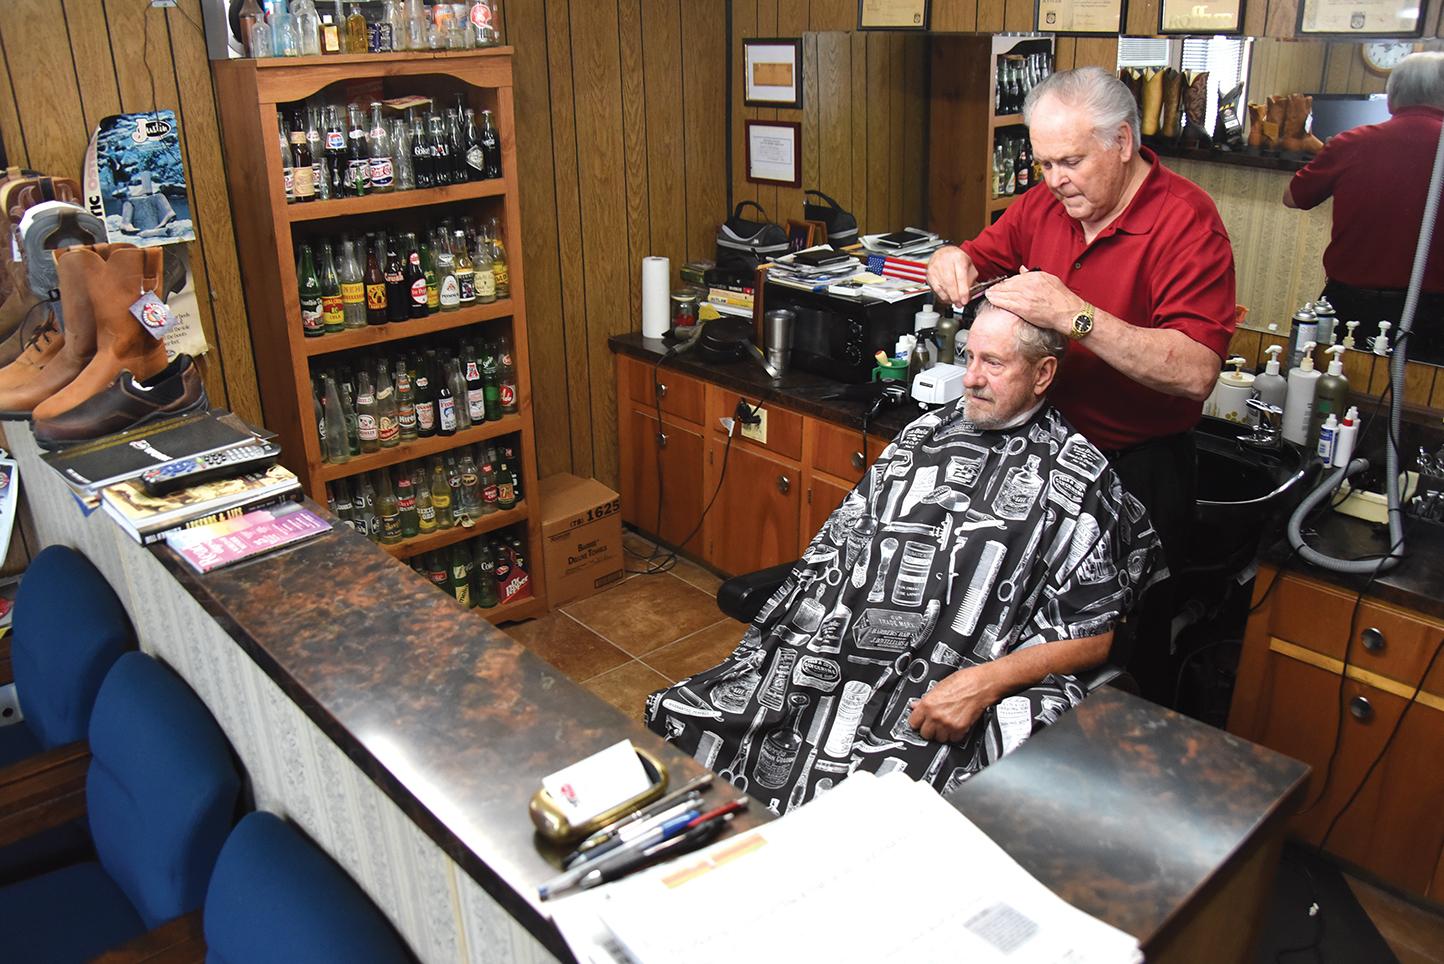 Barbershop owner celebrates 9 years